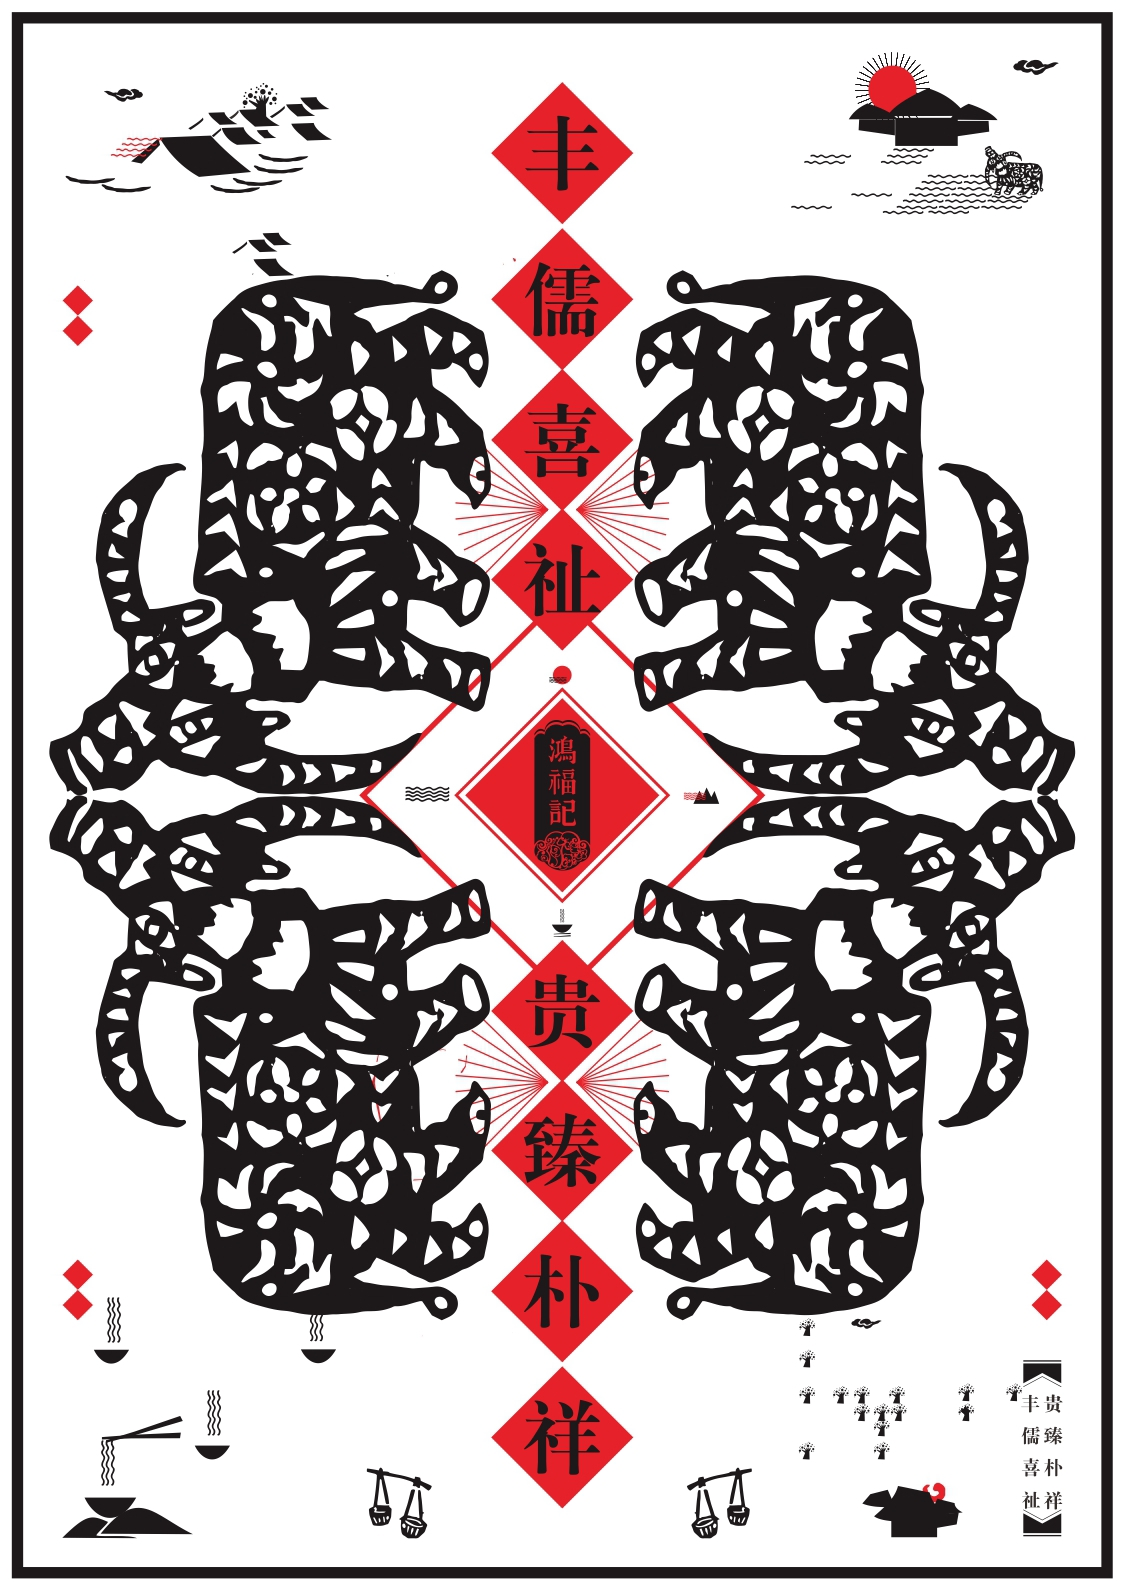 chai-kunpeng-hongfuji-branding-hisheji (3)